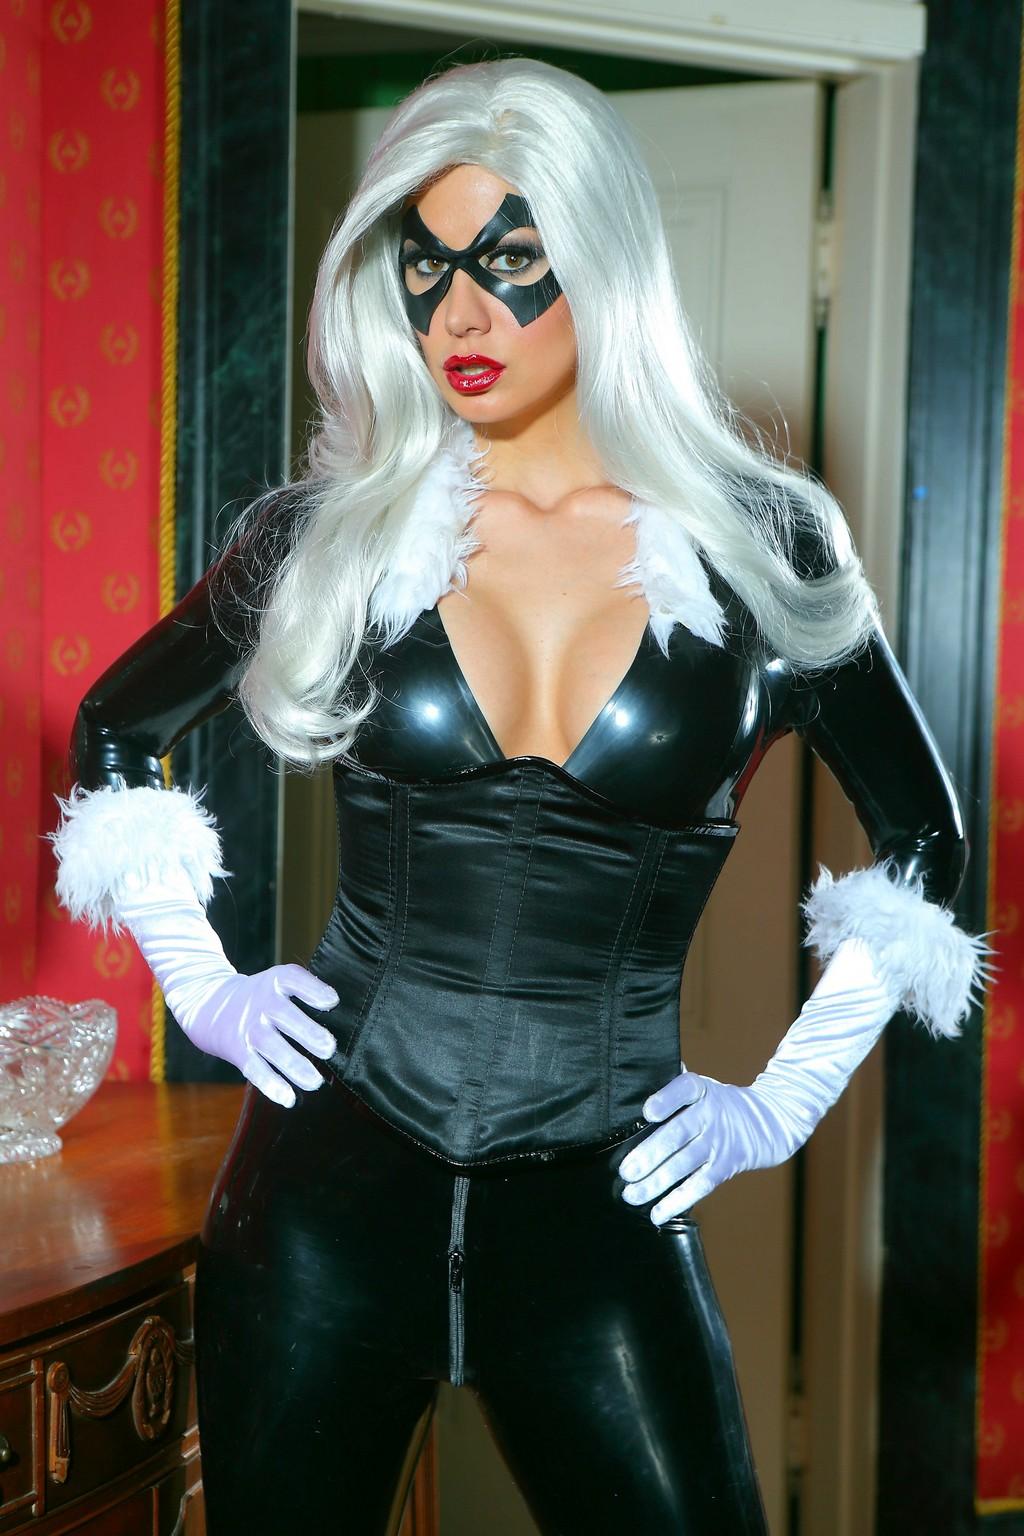 Lexington Steele Black Cat